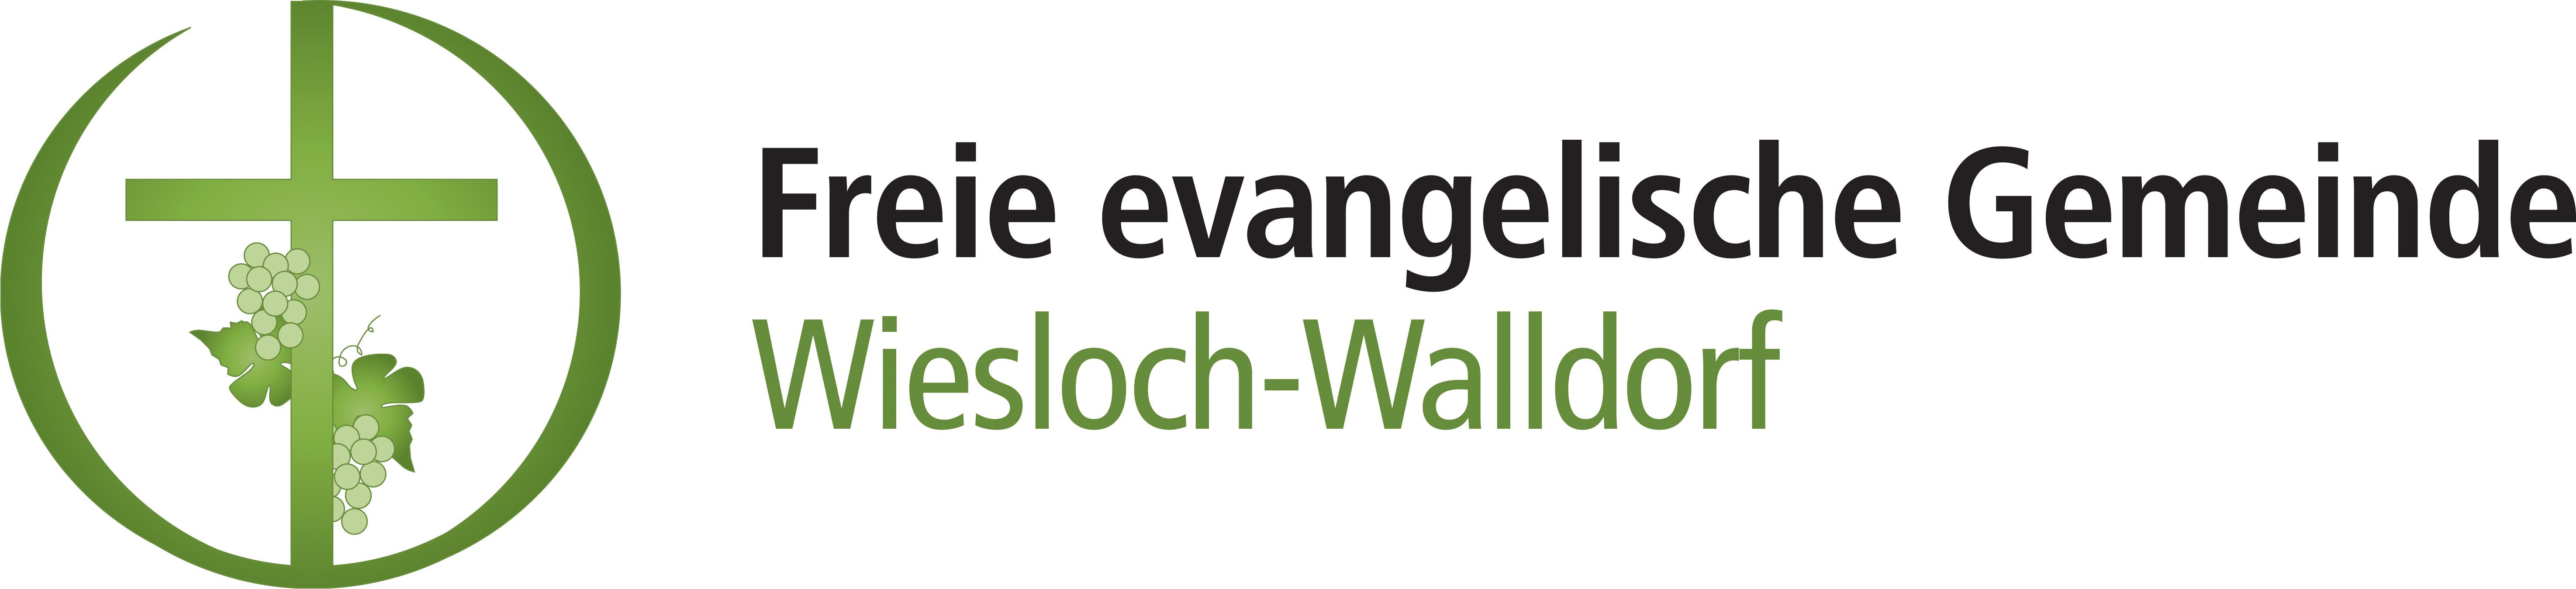 FeG Wiesloch-Walldorf